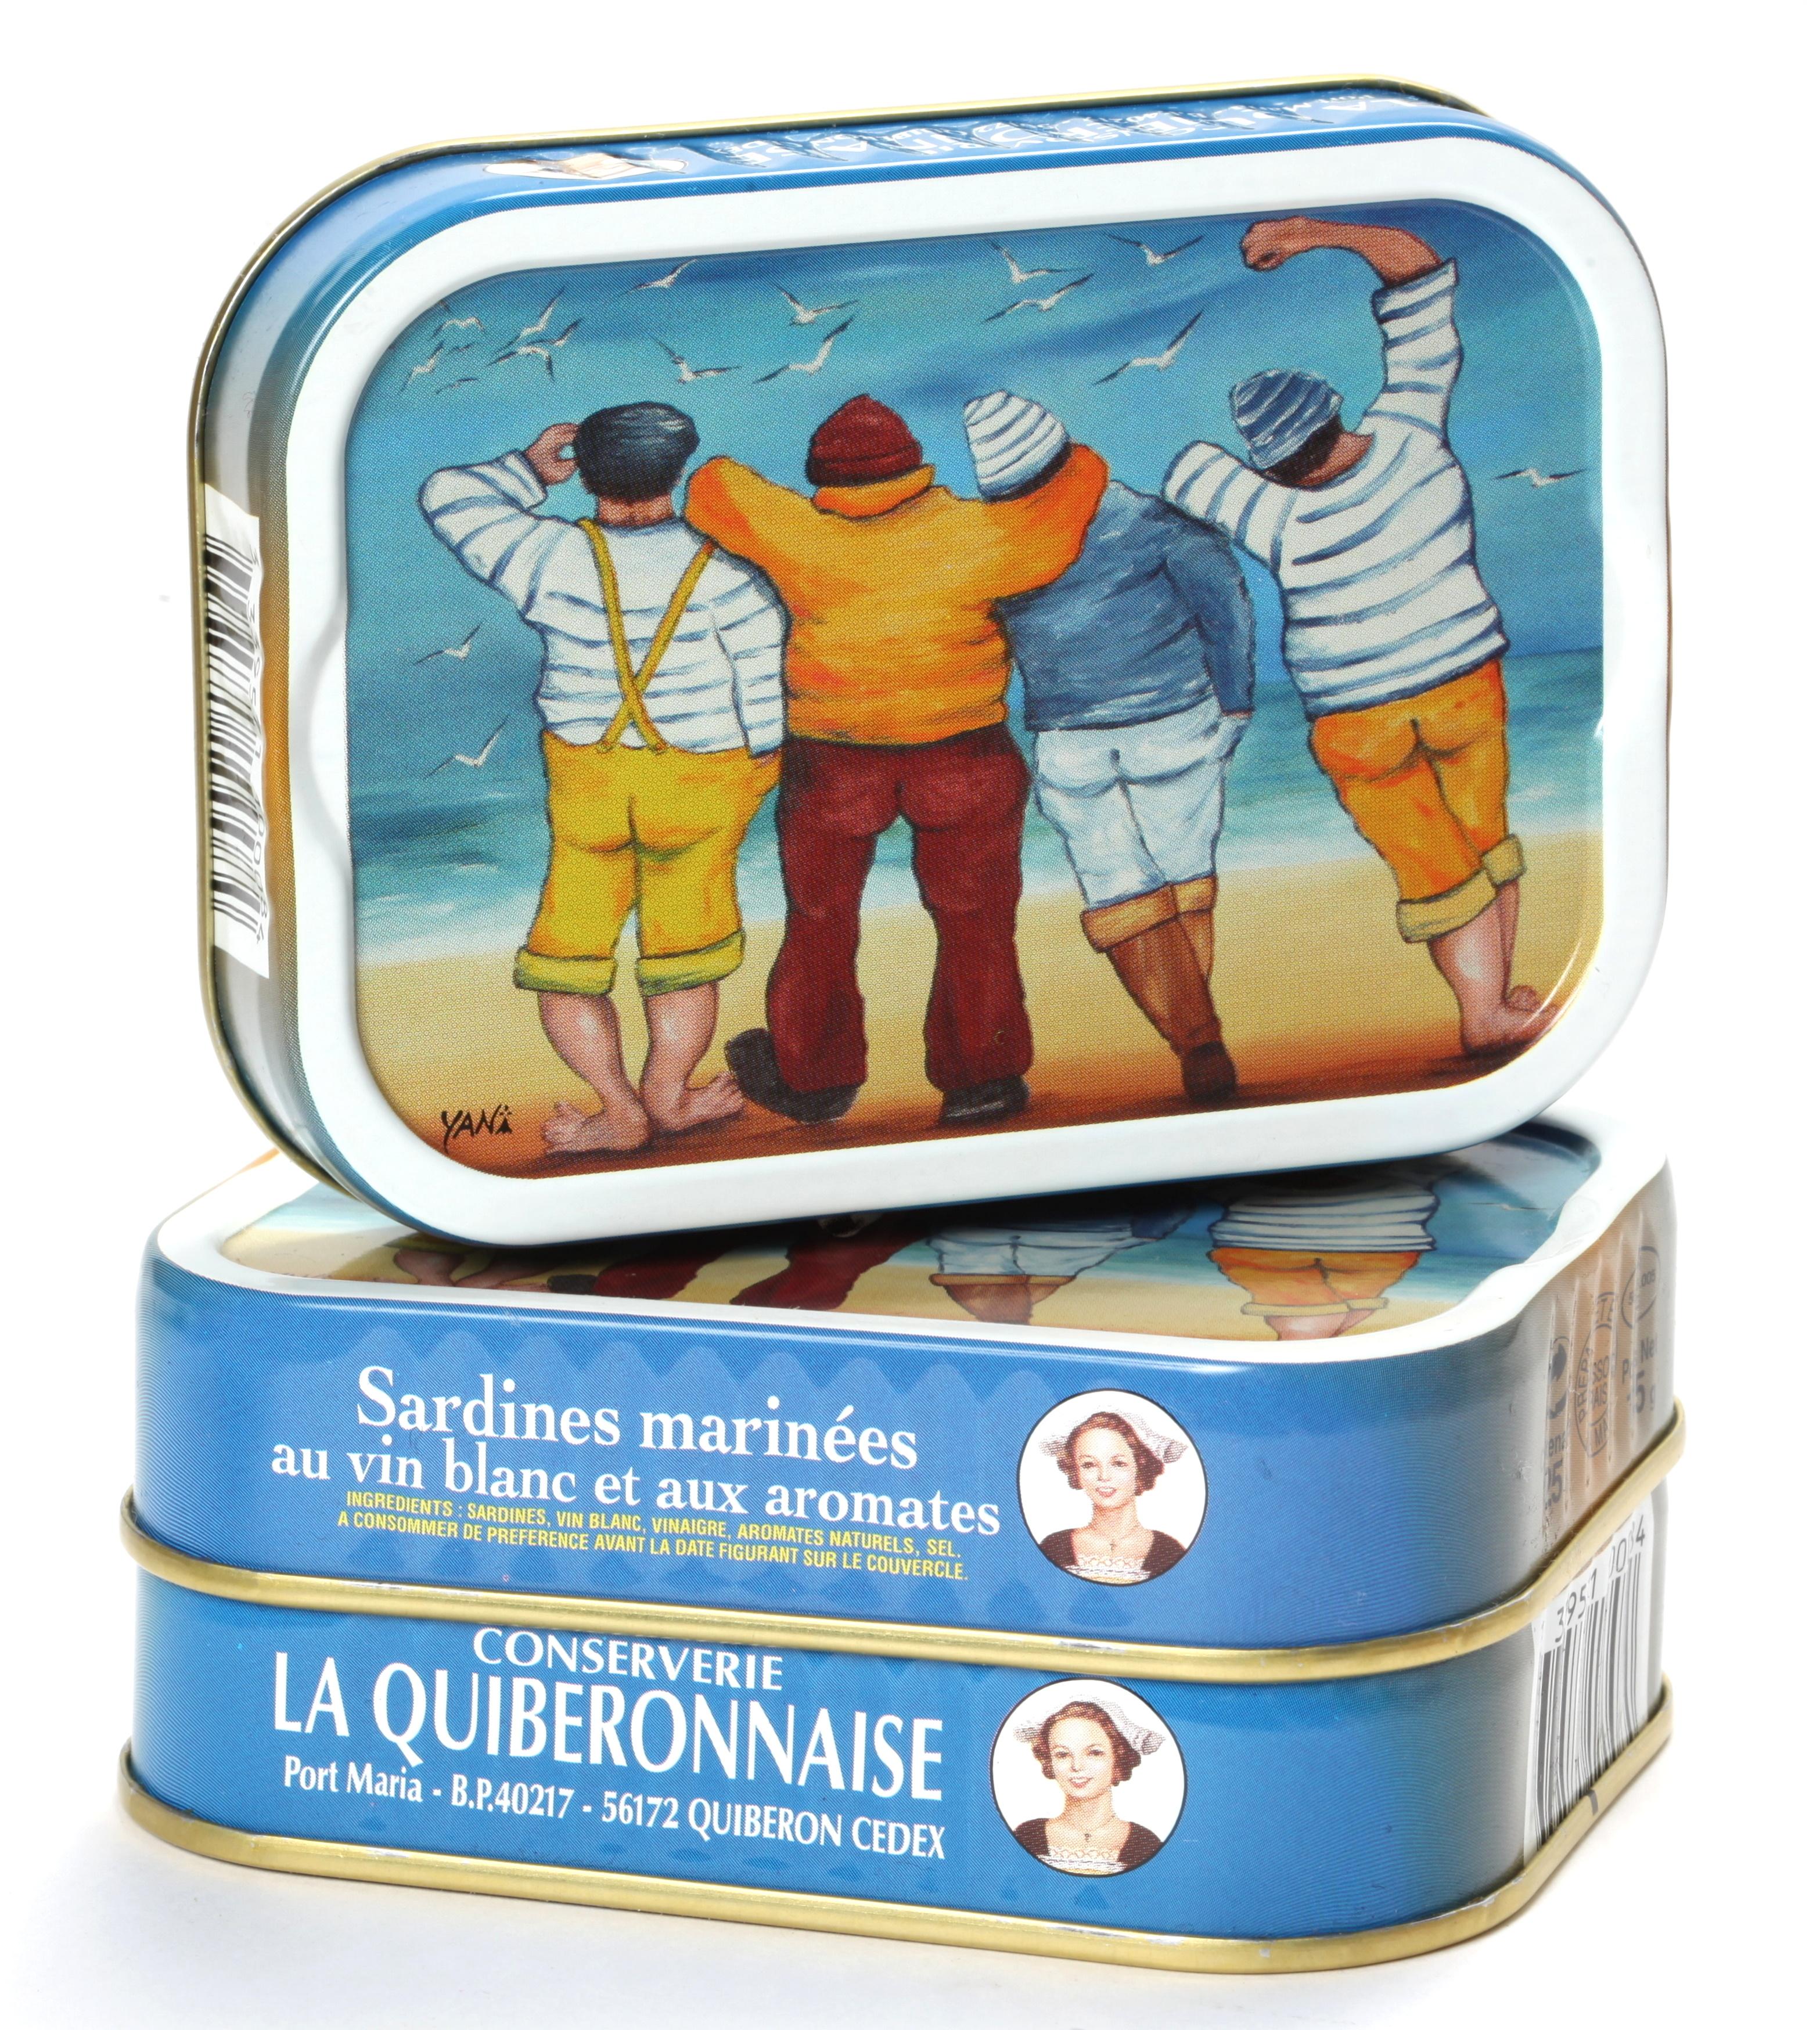 un tableau du peintre yan sur une bo te de sardines la quiberonnaise concertation. Black Bedroom Furniture Sets. Home Design Ideas